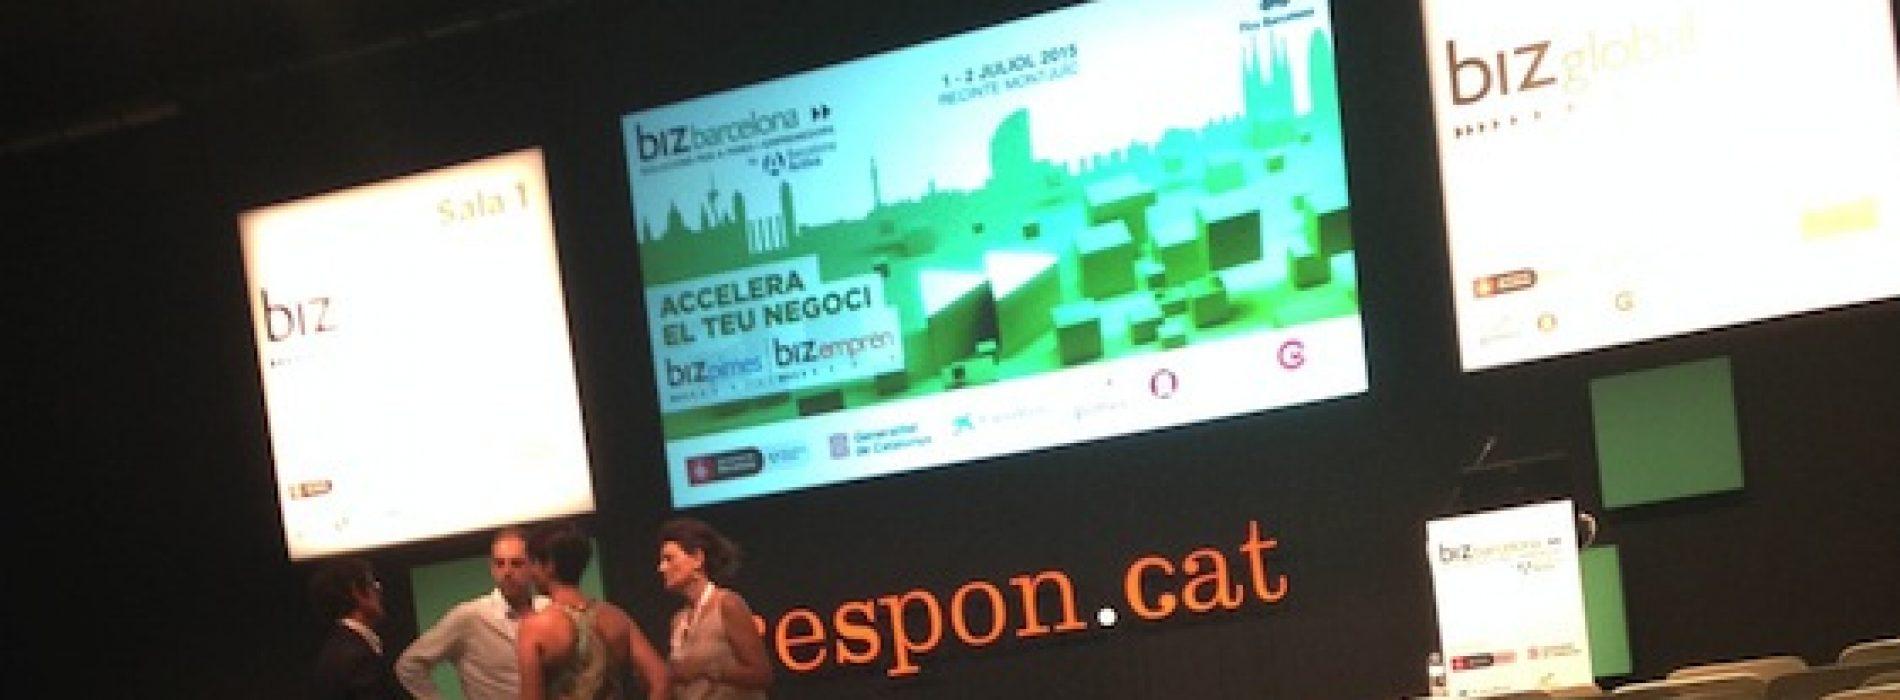 Quatre pimes membres de Respon.cat mostren el seu lideratge responsable al BizBarcelona